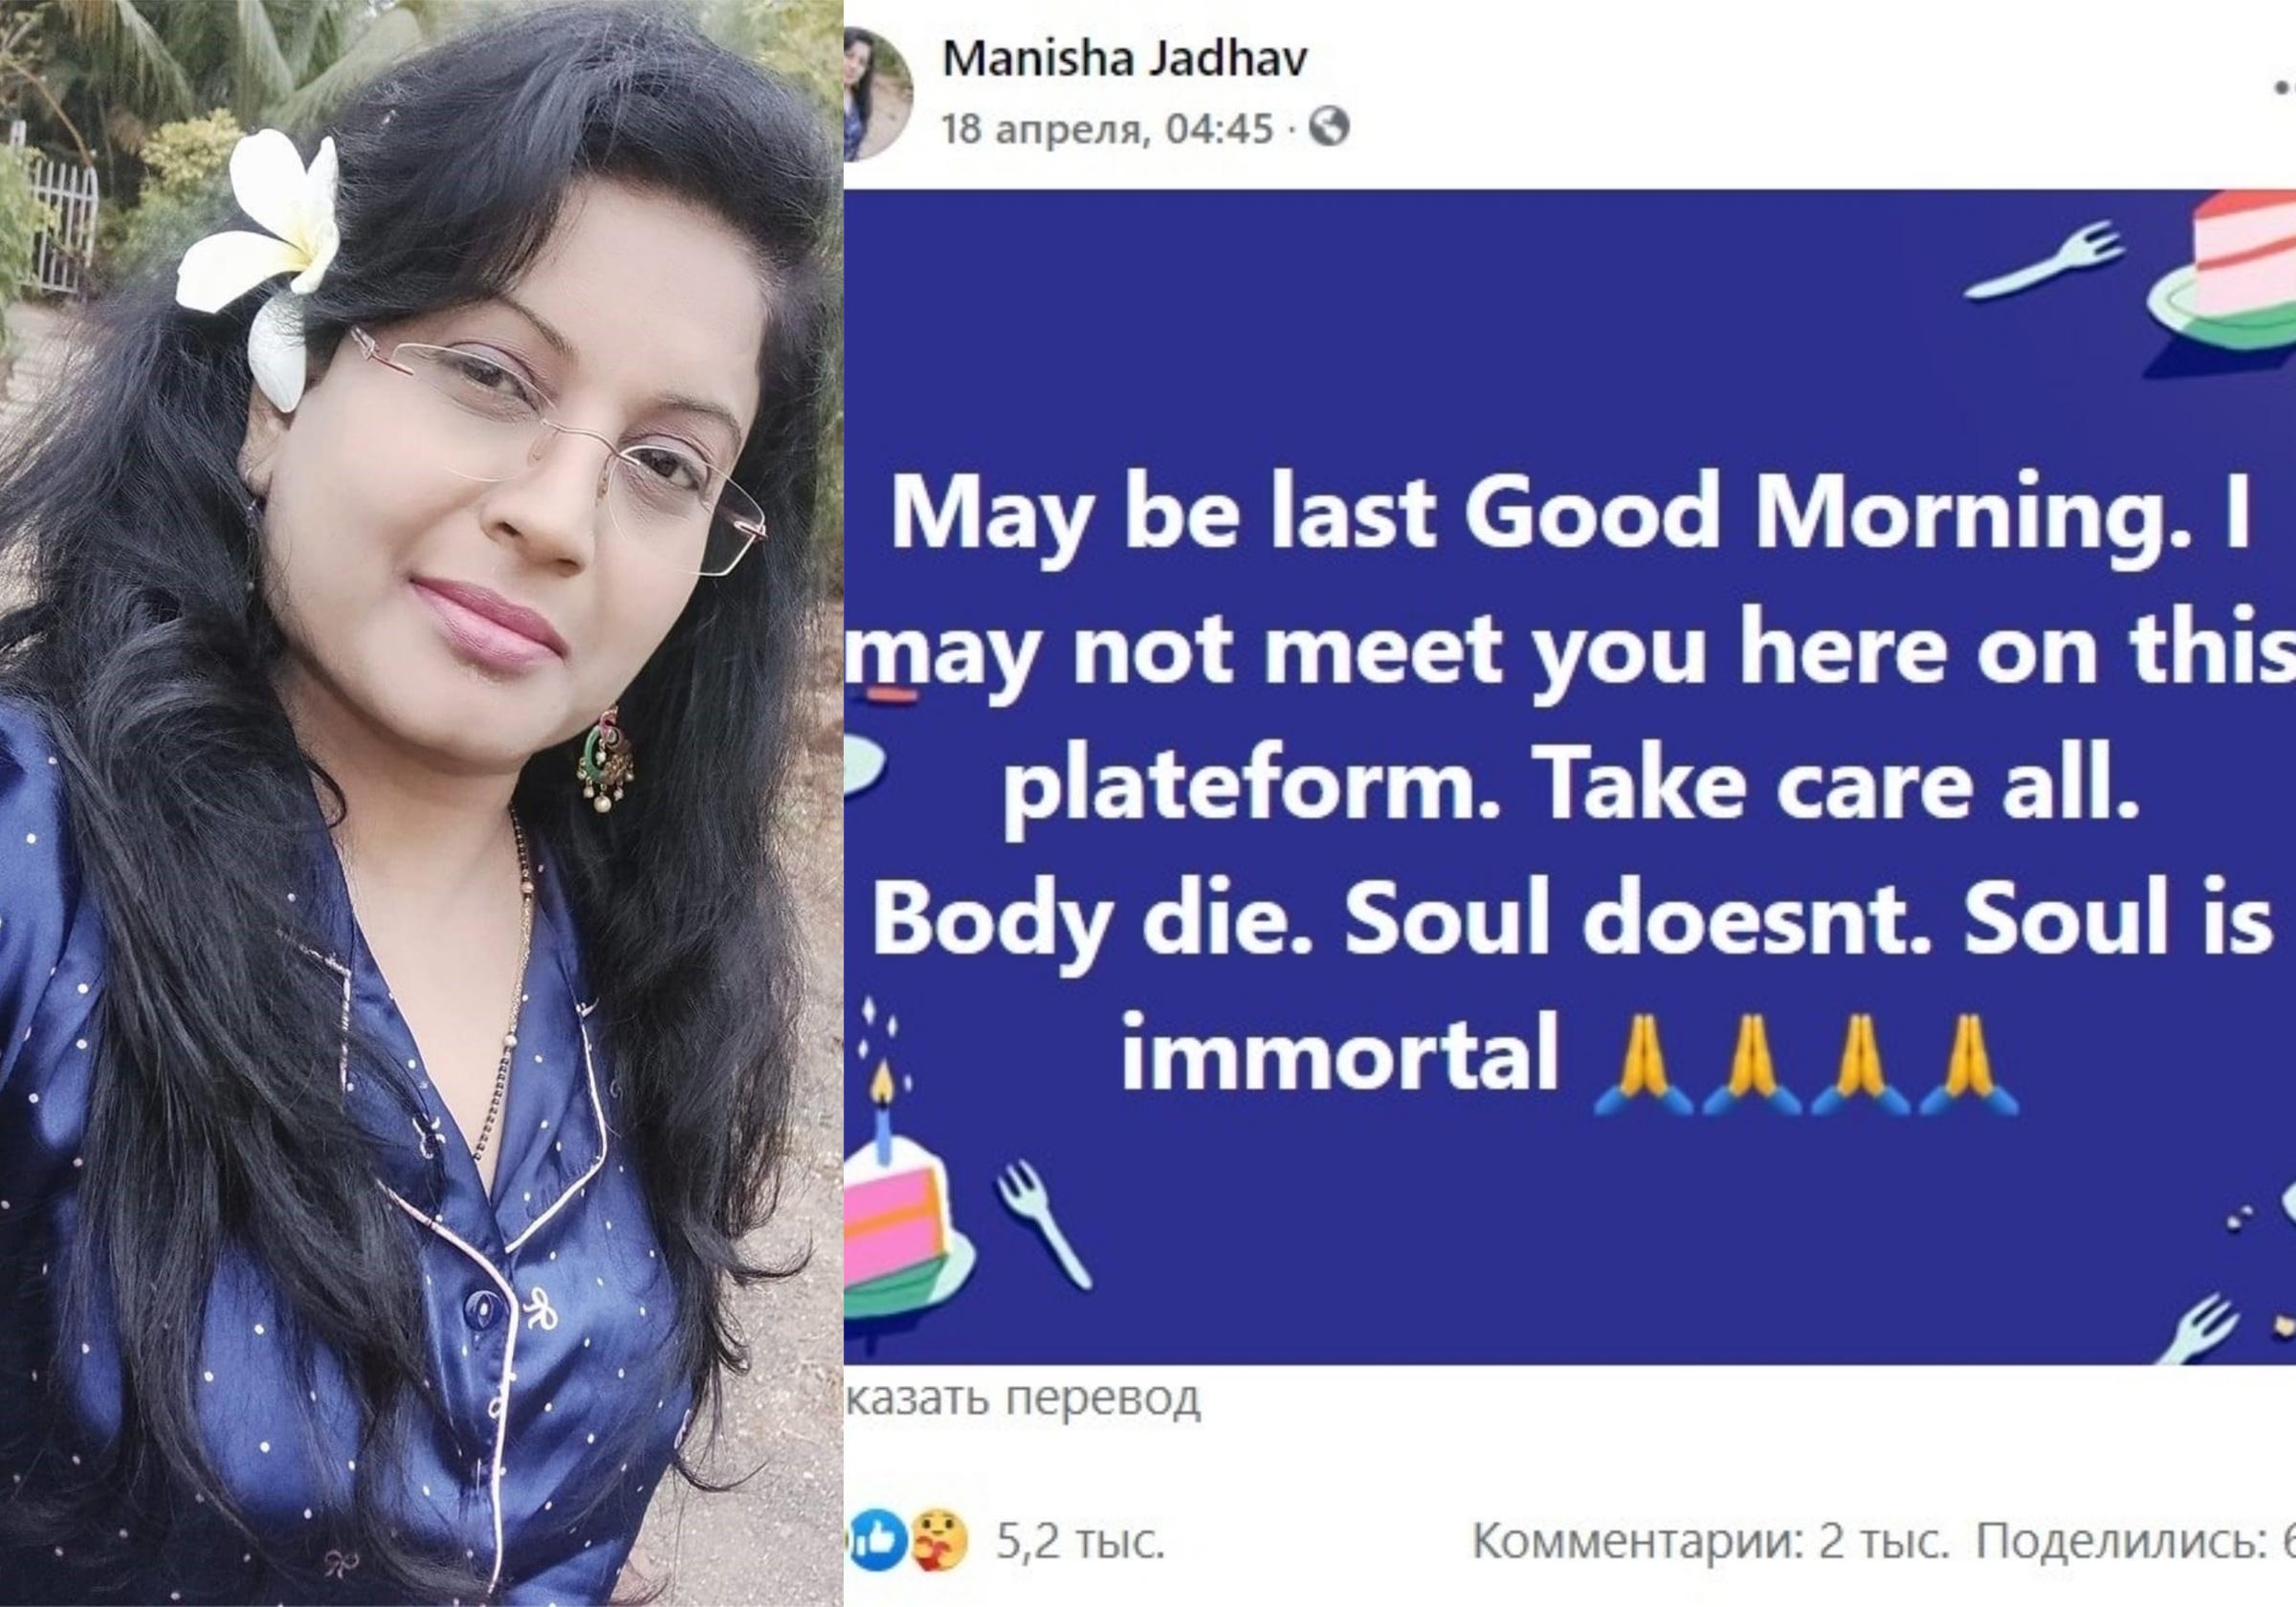 Фото © Facebook / Manisha Jadhav